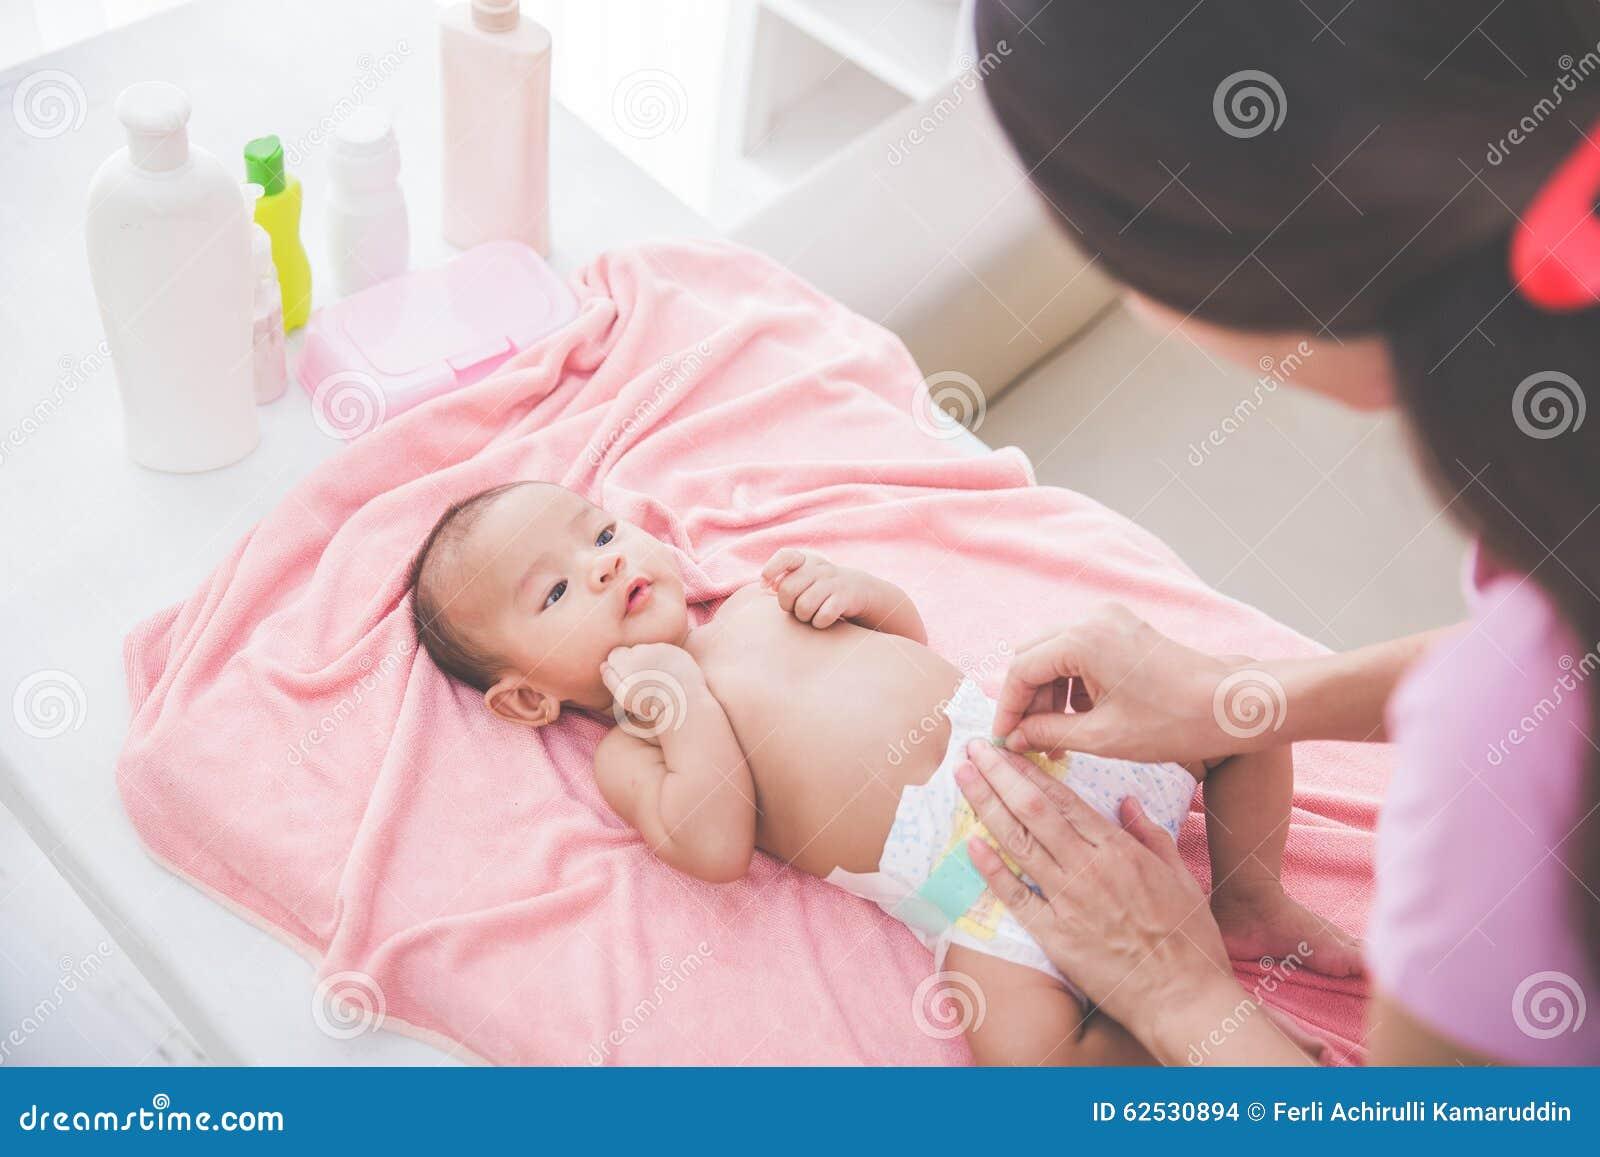 母亲投入了婴孩尿布给她新出生